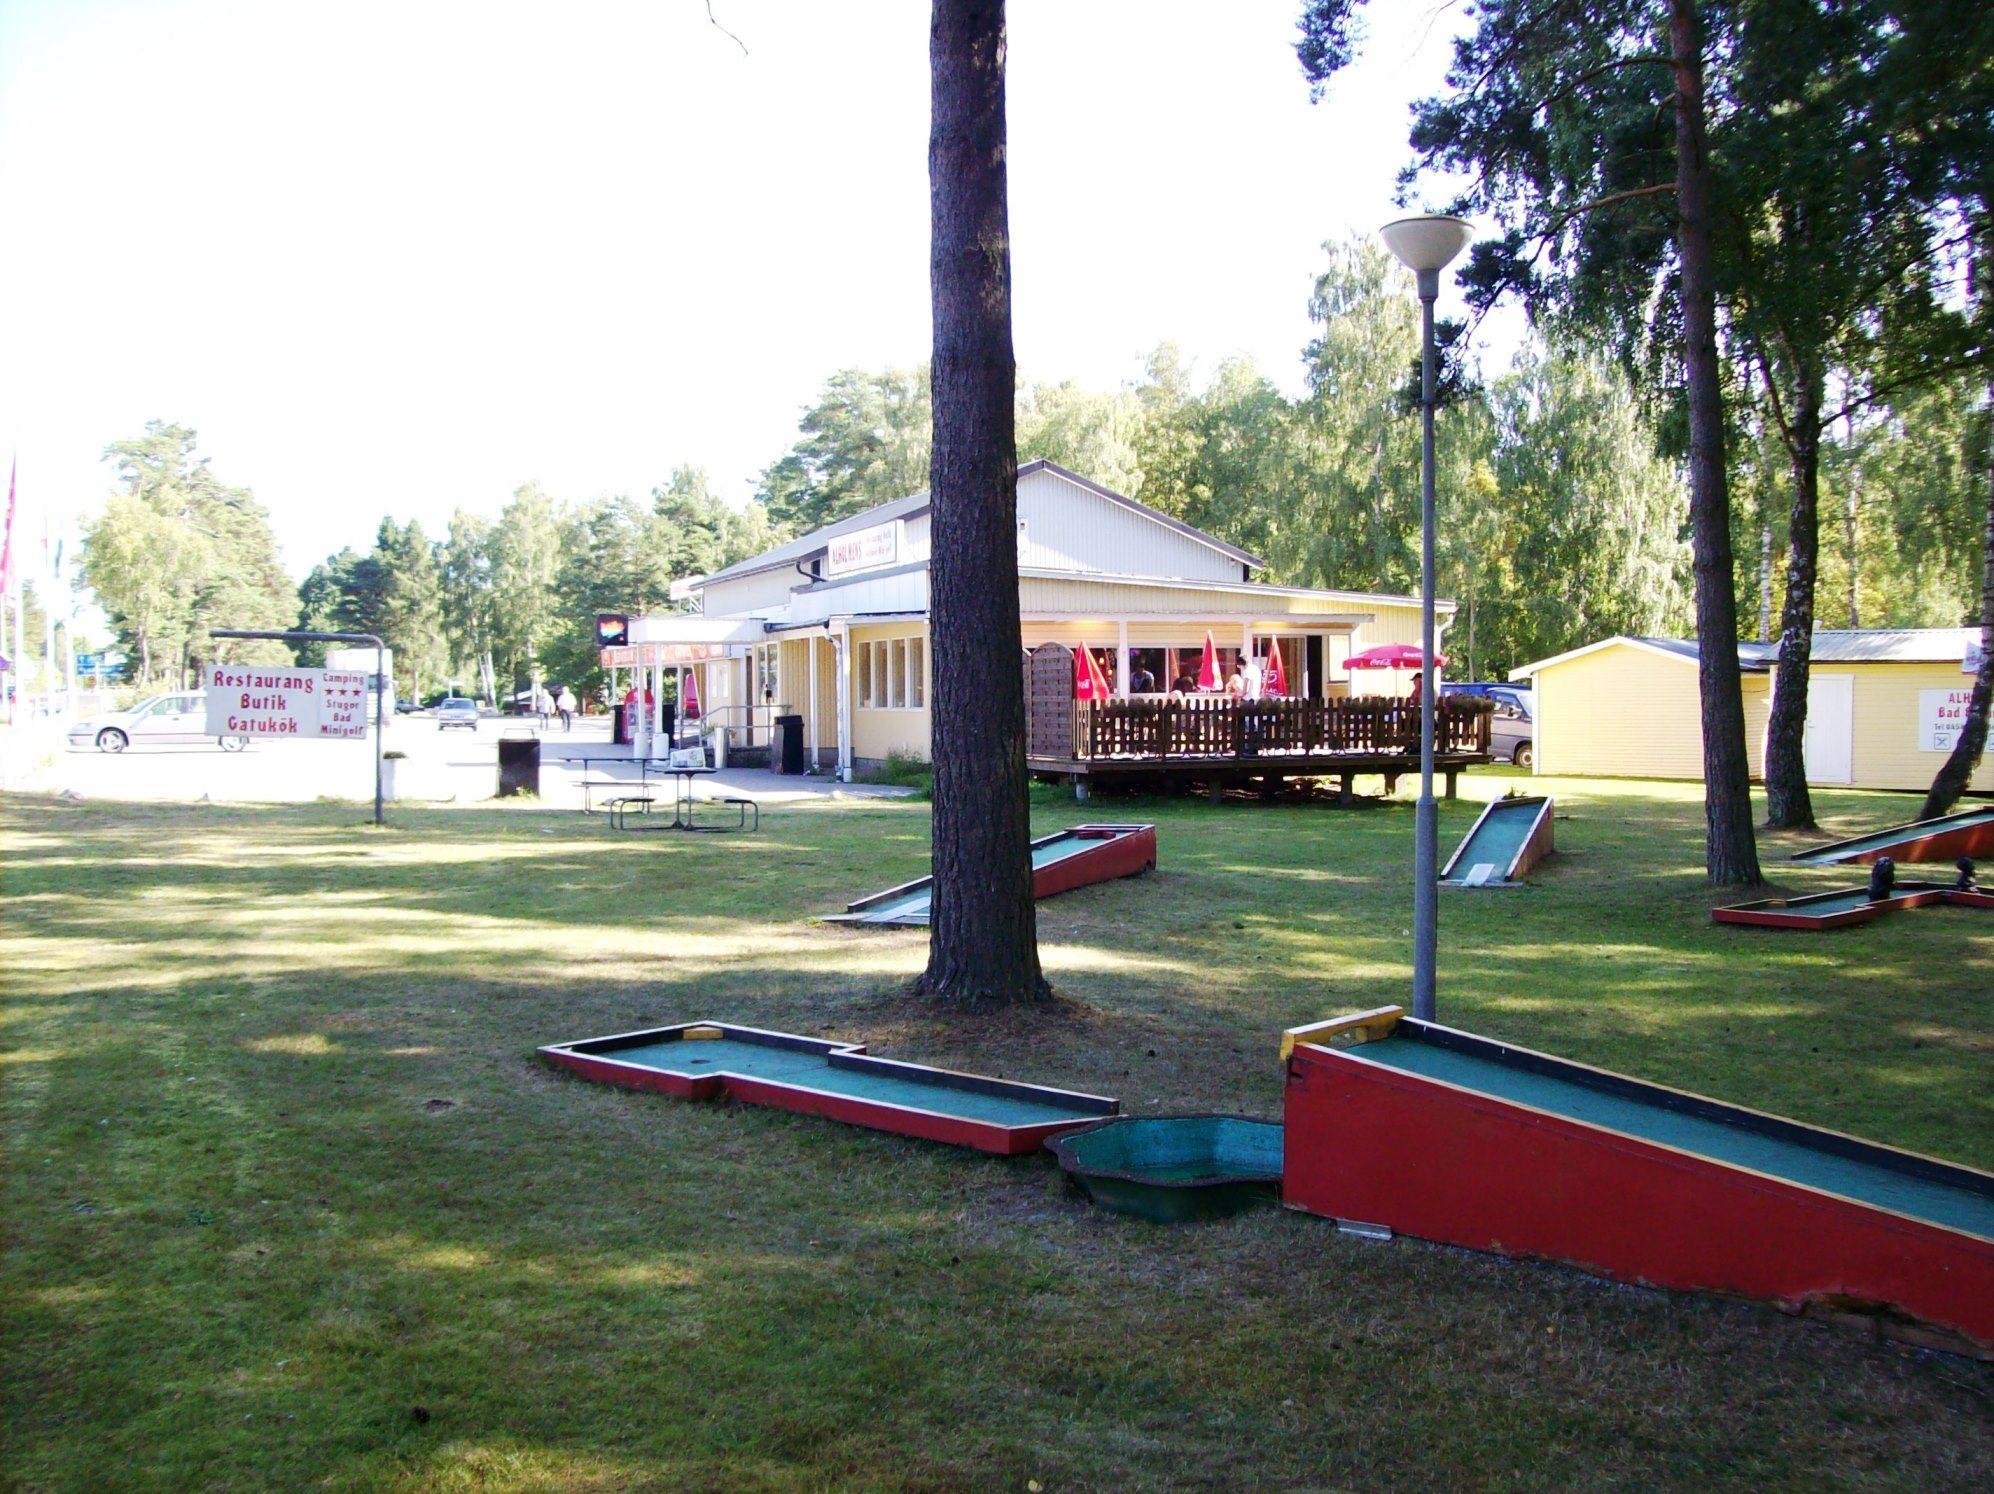 Minigolf - Alholmens Bad, Camping und Restaurant